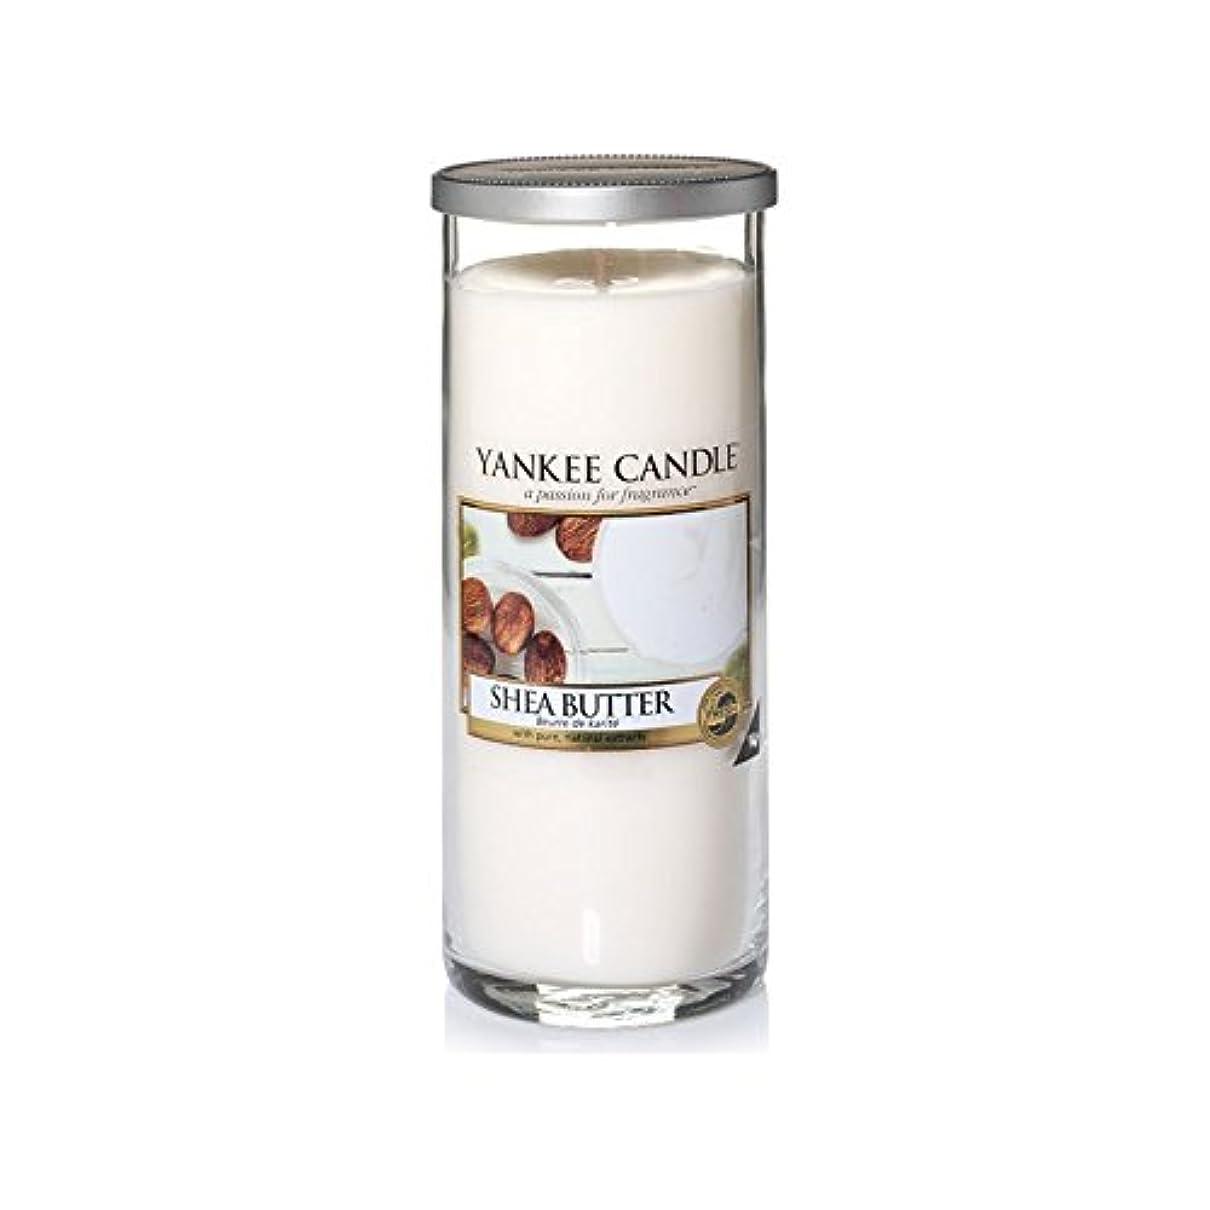 追記地区あいまいなYankee Candles Large Pillar Candle - Shea Butter (Pack of 2) - ヤンキーキャンドル大きな柱キャンドル - シアバター (x2) [並行輸入品]